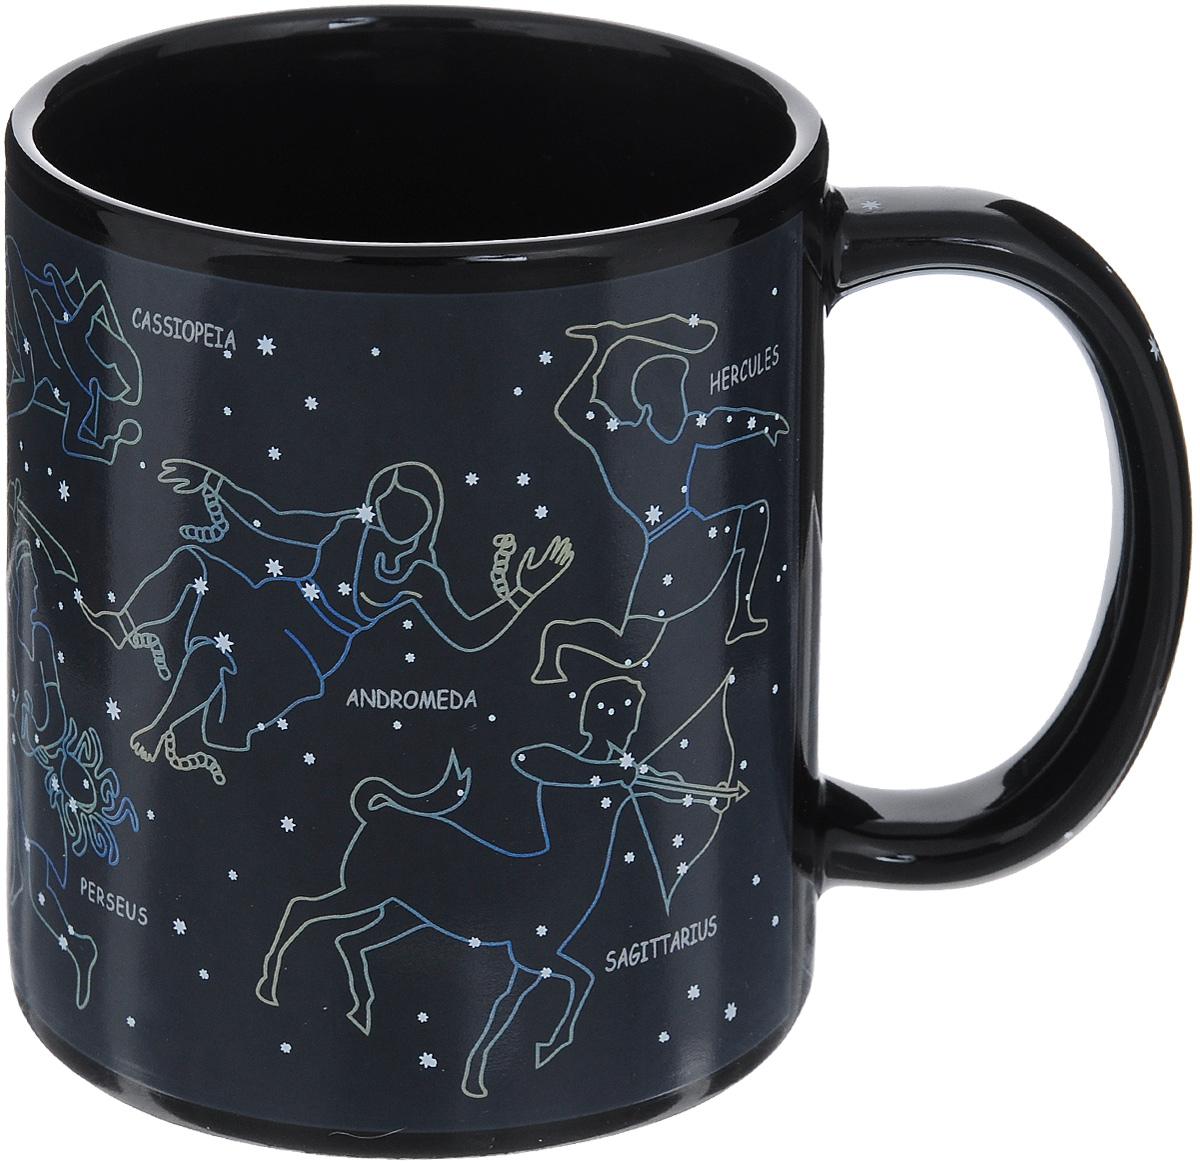 Кружка-хамелеон Эврика Разогрей звезду, 300 мл67742Кружка-хамелеон Эврика Разогрей звезду выполнена из высококачественной керамики. Рисунок на стенках состоит из множества светлых звездочек, сияющих в ночном небе. Но стоит налить в кружку горячий напиток, и между точками проявятся невидимые доселе нити, превращающие их в знаменитые созвездия. Рядом с каждым созвездием написано его латинское название. Такой подарок станет не только приятным, но и практичным сувениром: кружка станет незаменимым атрибутом чаепития, а оригинальный дизайн вызовет улыбку.Высота кружки: 9,5 см.Диаметр (без учета ручки): 8 см.